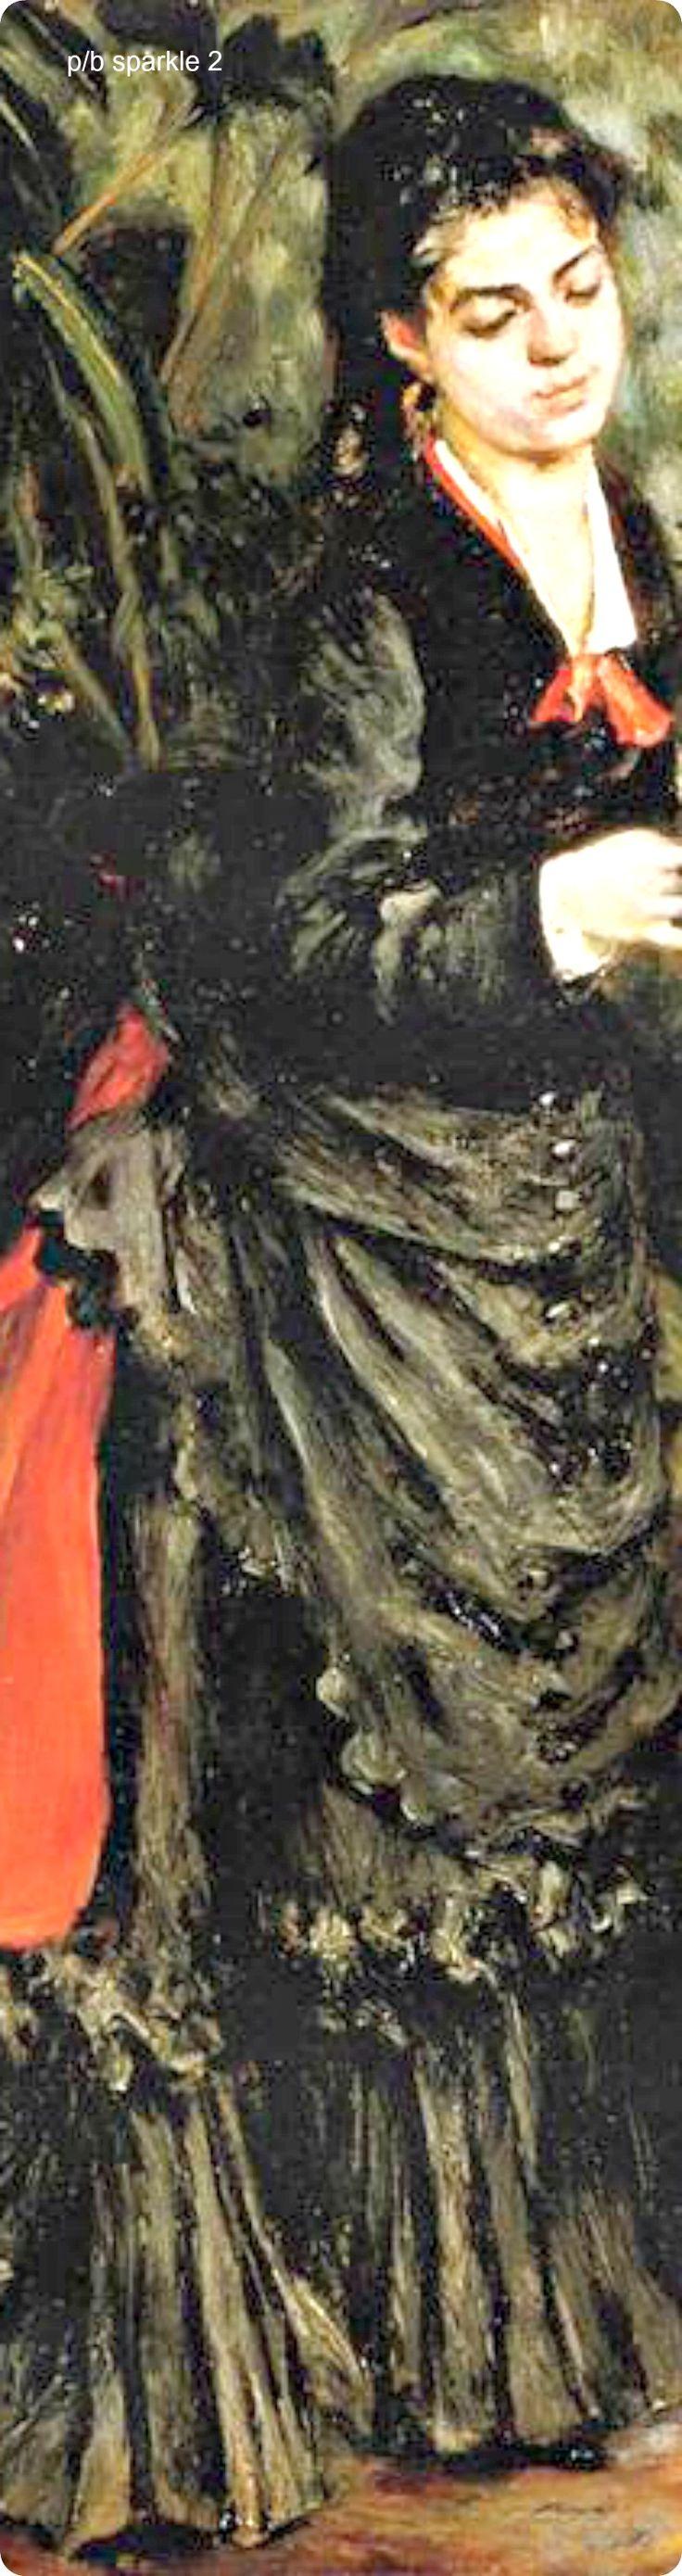 Pierre-Auguste Renoir (1841-1919): Woman with a Parrot (Henriette Darras), 1871